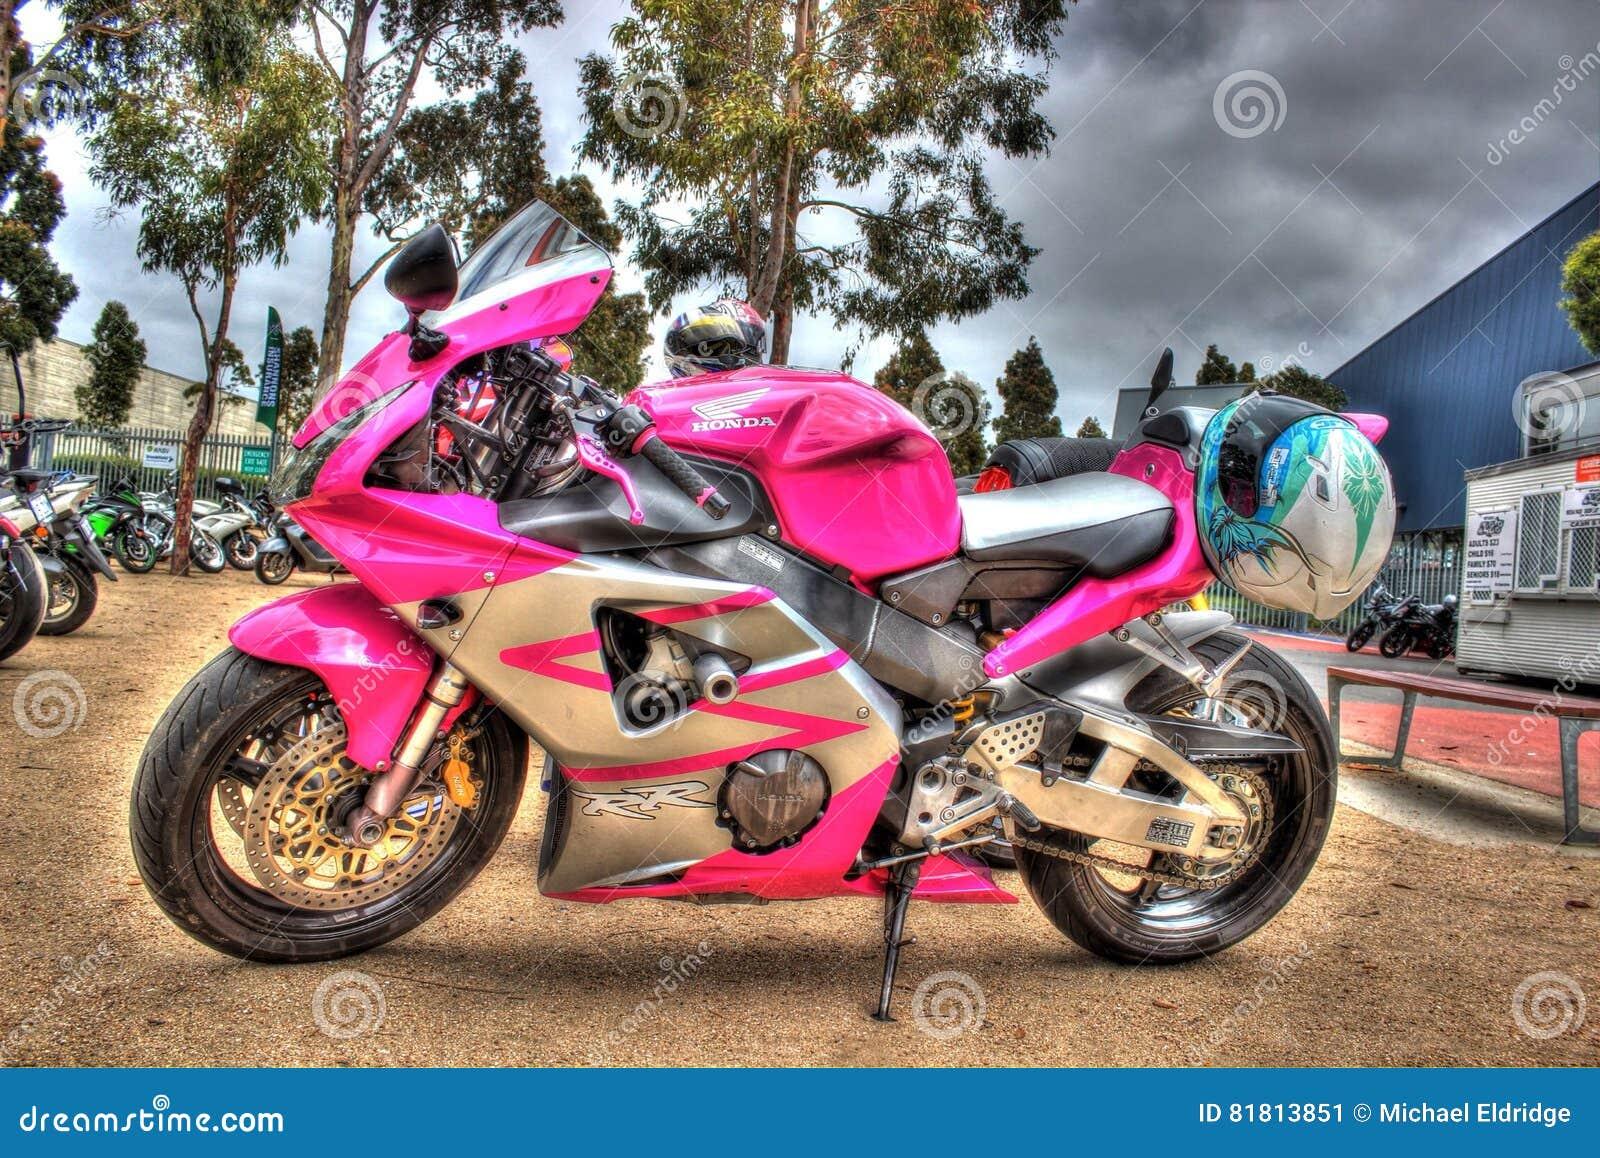 Современный мотоцикл Honda японца